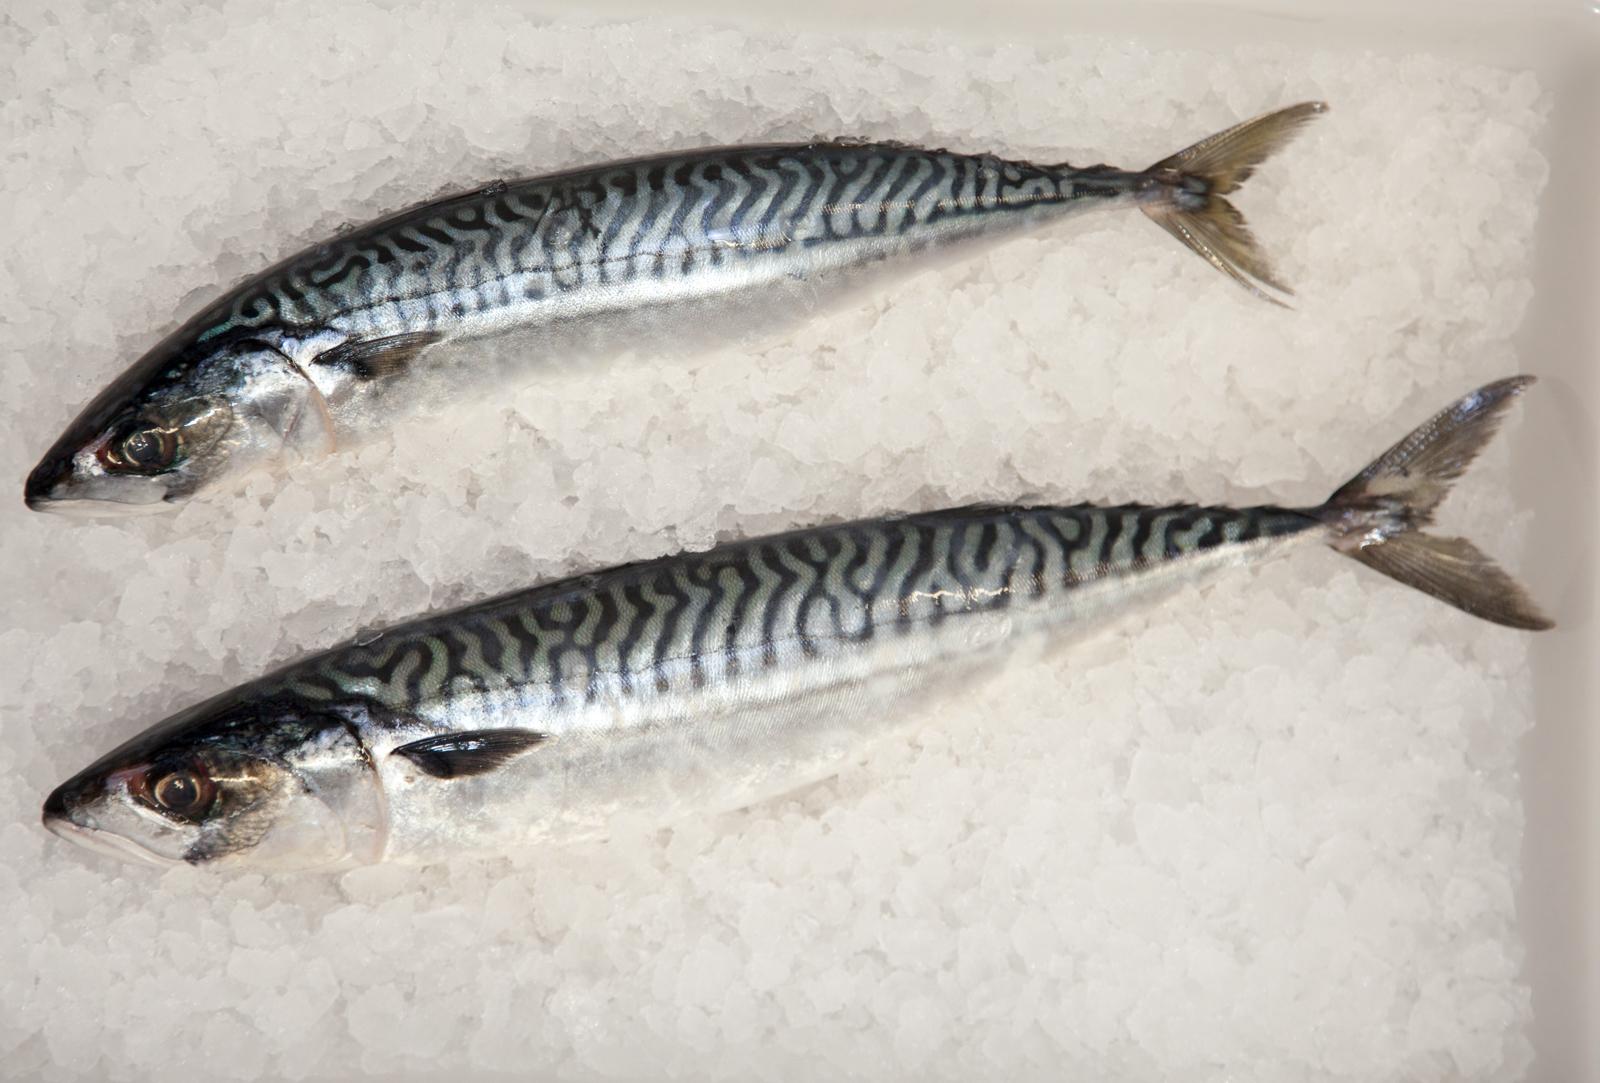 ecclesall_fisheries-2437